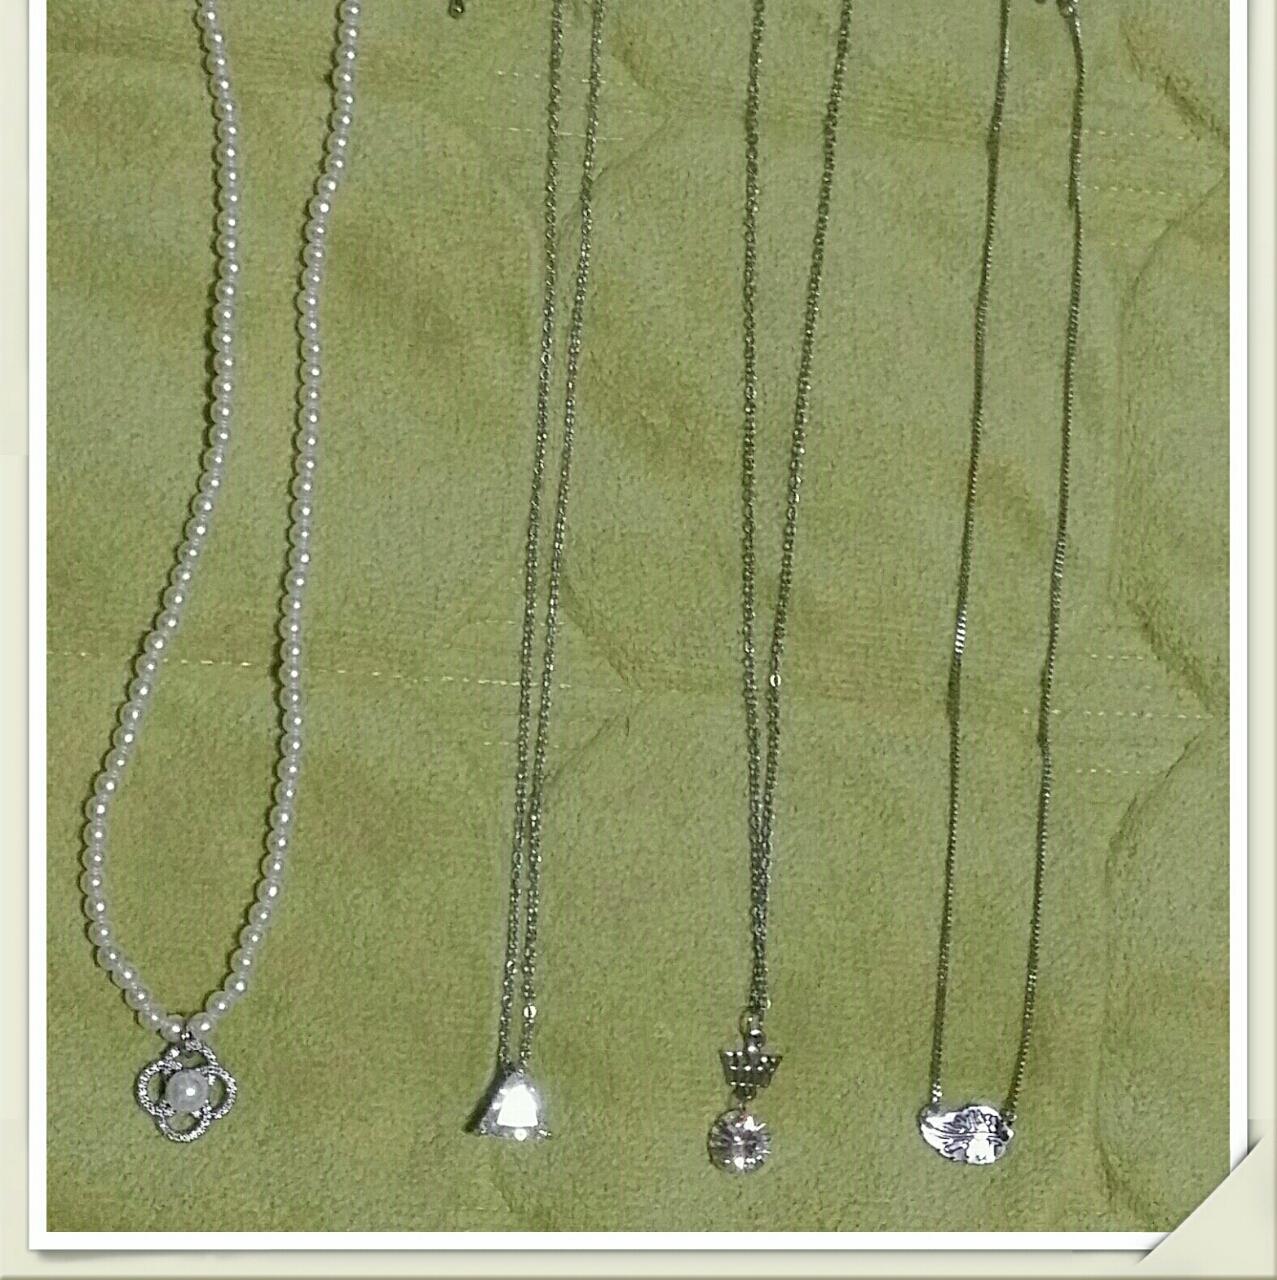 흰구슬 목걸이1종, 패션 목걸이 3종 ,비즈 목걸이 1종 ,보라색 목걸이 1종